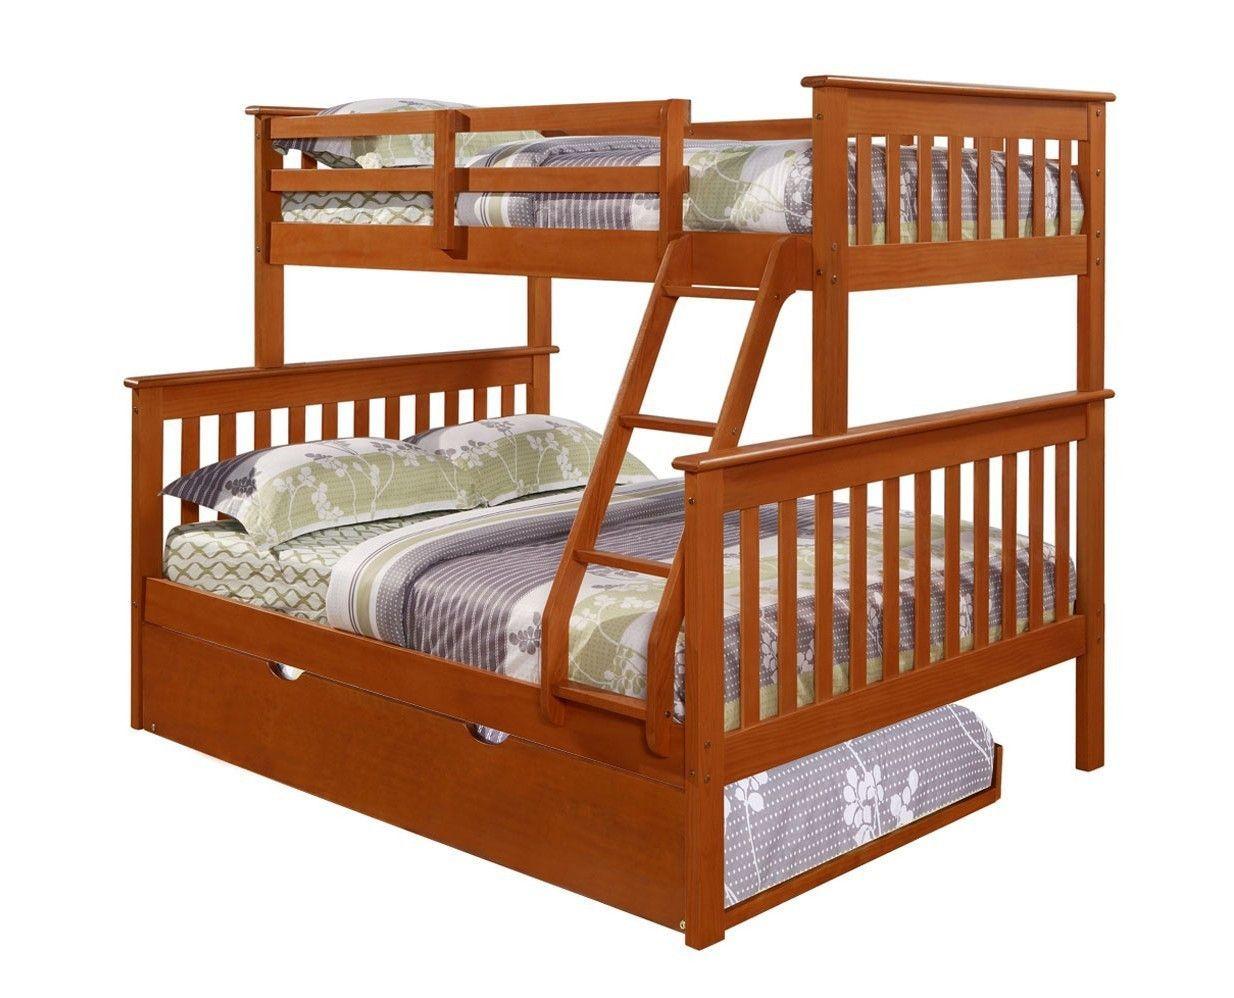 Jayden Espresso Twin Over Full Bunk Bed With Trundle Bed Dormitorios Camas Literas